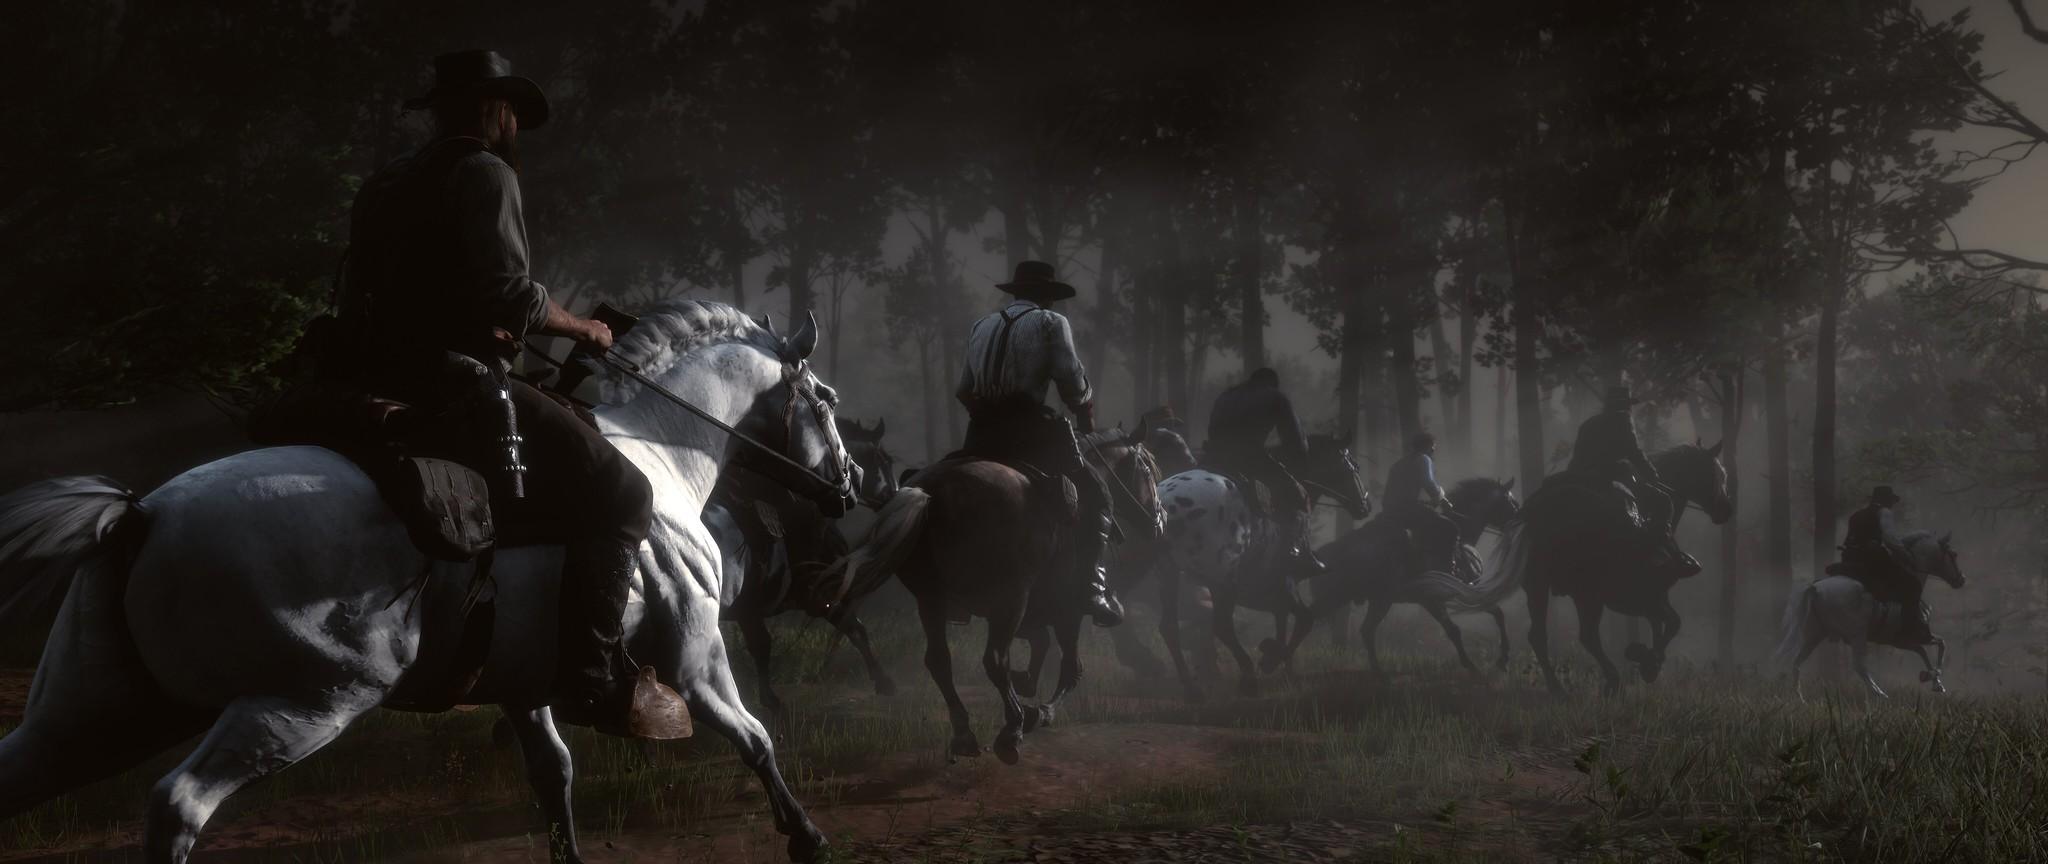 Red Dead Redemption 2 начнут использовать для преподавания истории США в университете